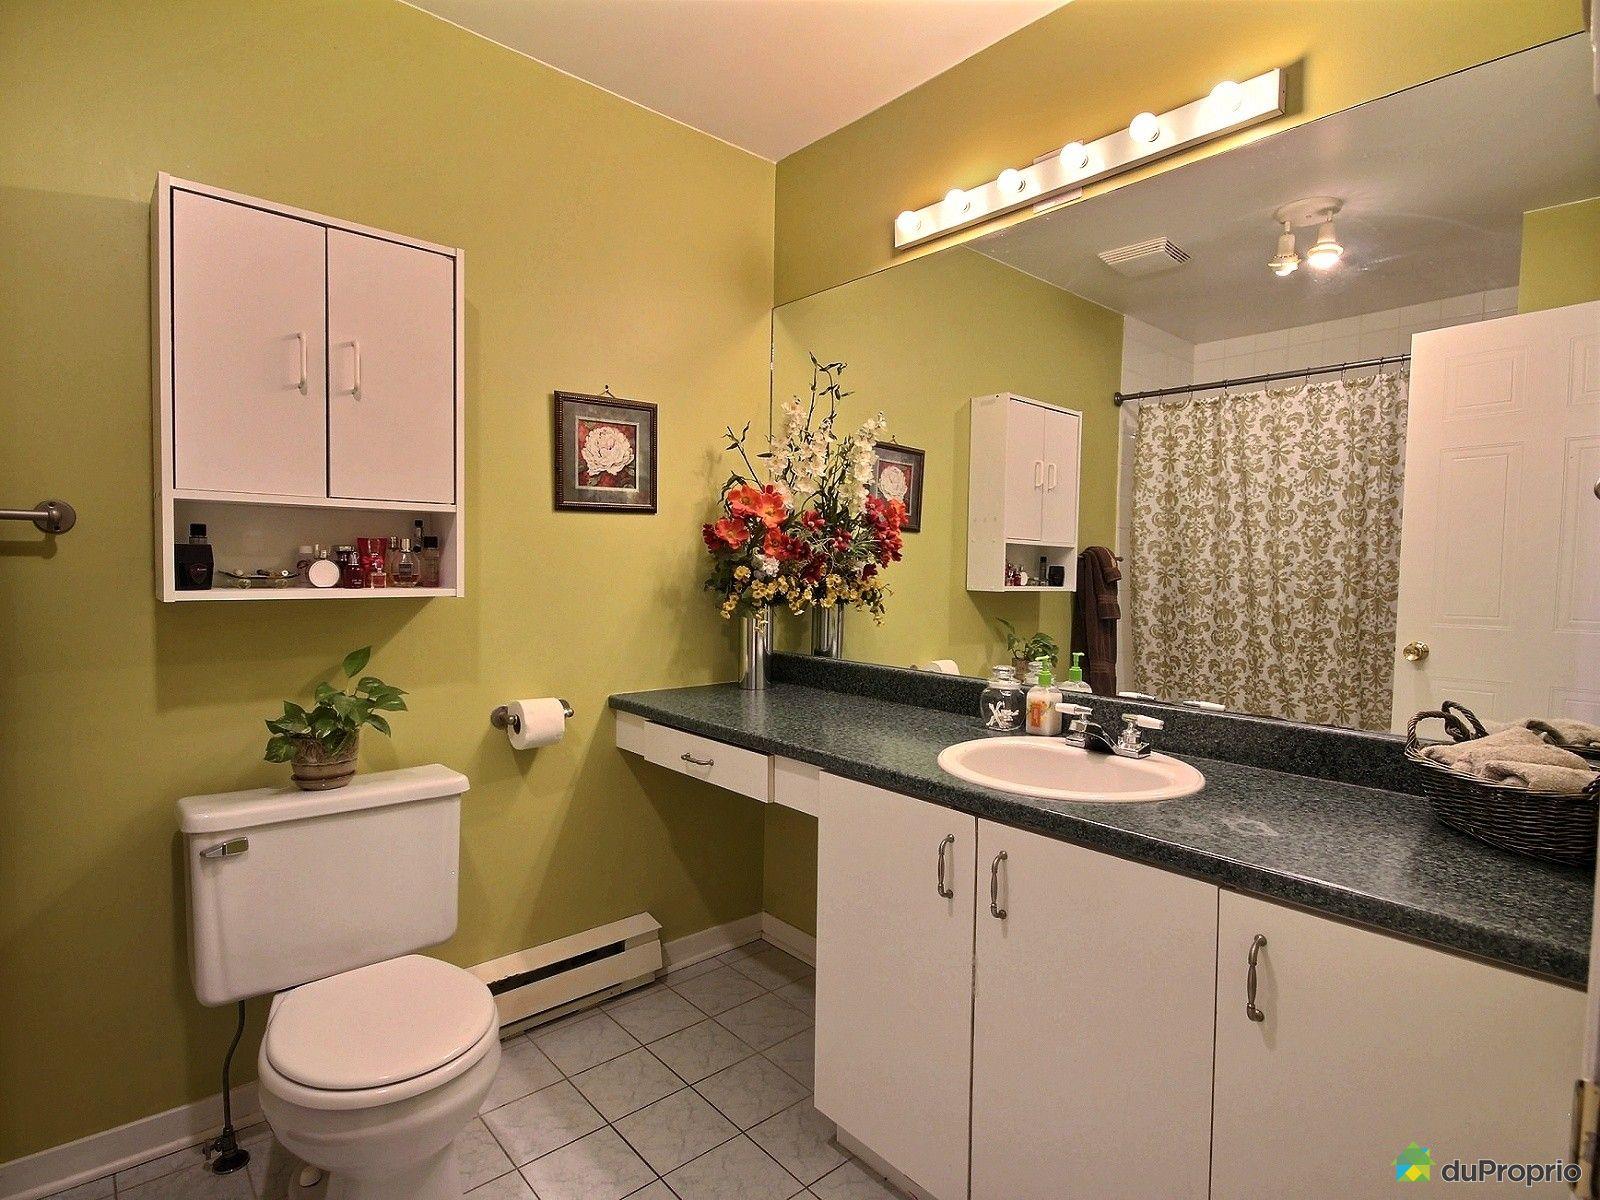 Maison vendre st constant 62 rue marchand immobilier for Salle de bain commune a deux chambres